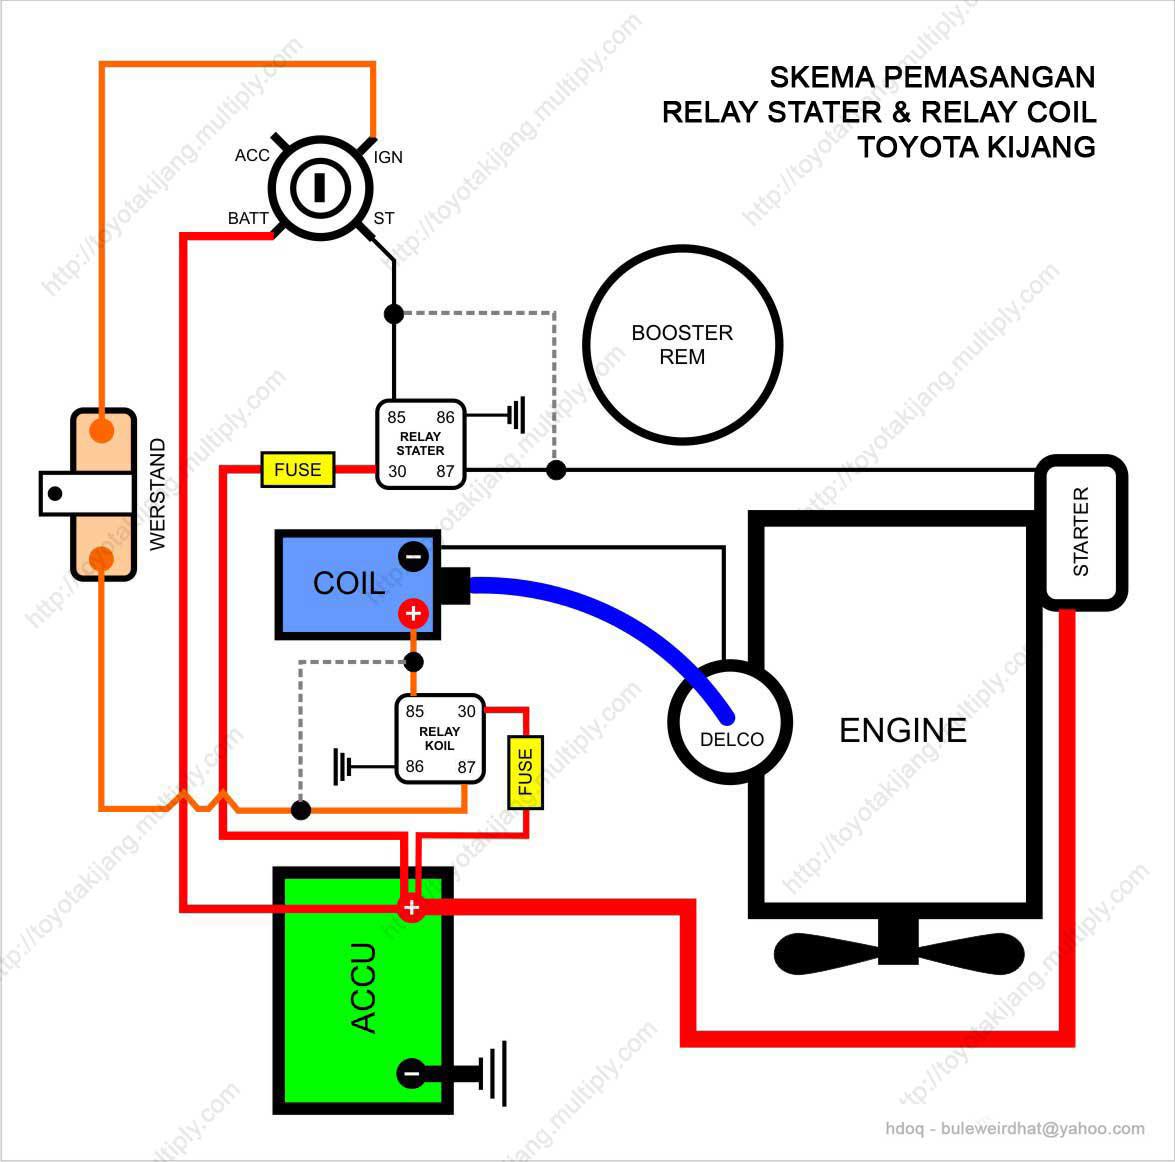 wiring diagram toyota kijang 7k efi - wiring diagrams long quit-menu -  quit-menu.ipiccolidi3p.it  quit-menu.ipiccolidi3p.it